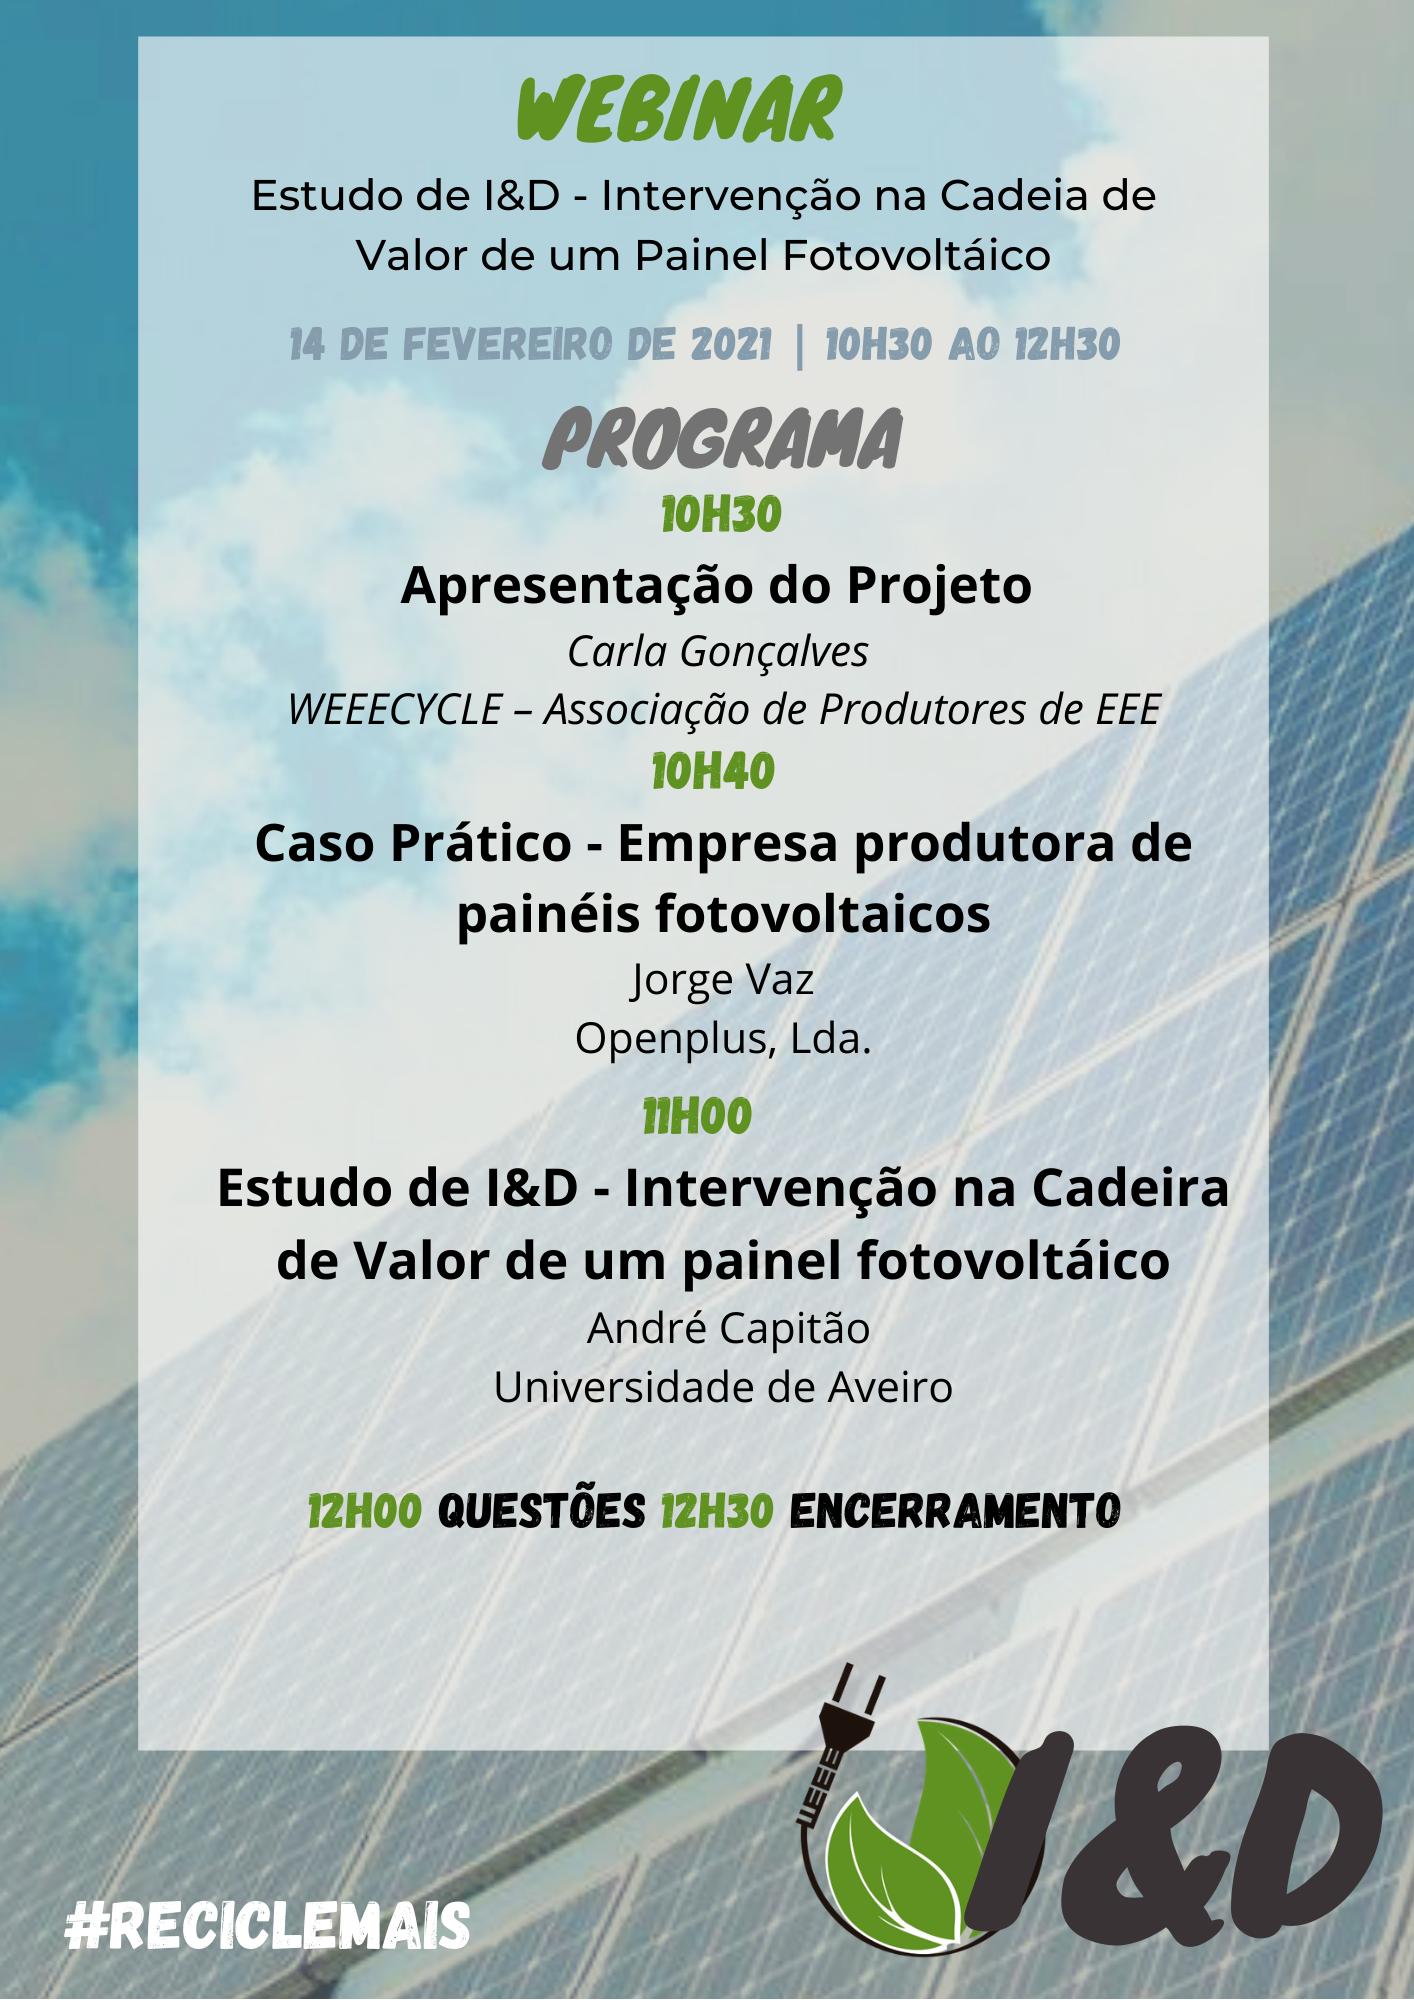 ESTUDO DE I&D – INTERVENÇÃO NA CADEIA DE VALOR DE UM PAINEL FOTOVOLTAICO   14 abril 2021